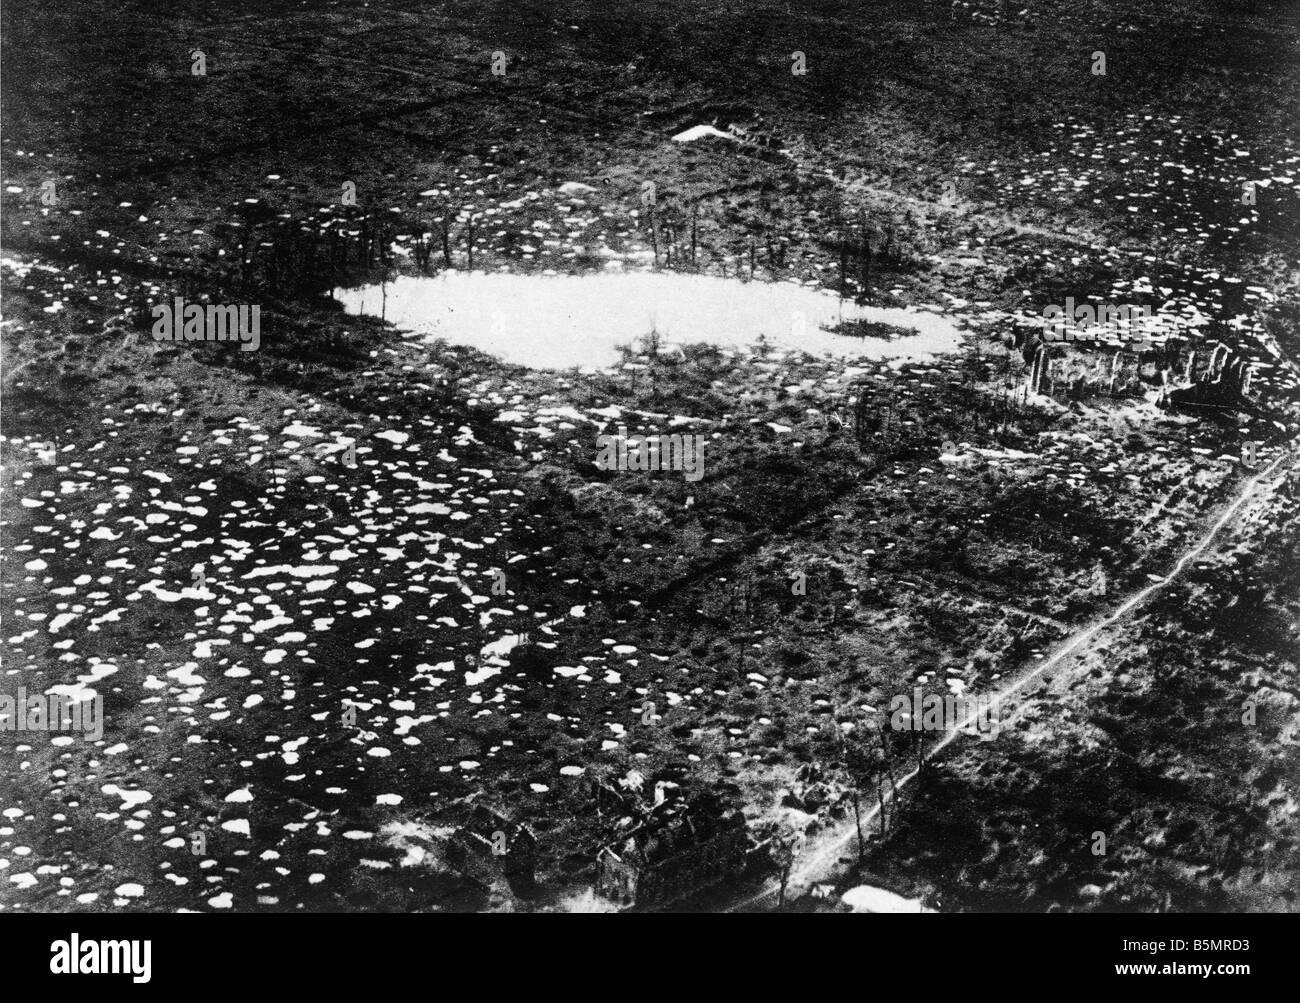 9 1917 10 4 A1 E Zounebeke in Schlacht von Flandern 1917 Erster Weltkrieg 1914-18 1 Western Front Schlacht von Flandern Stockbild